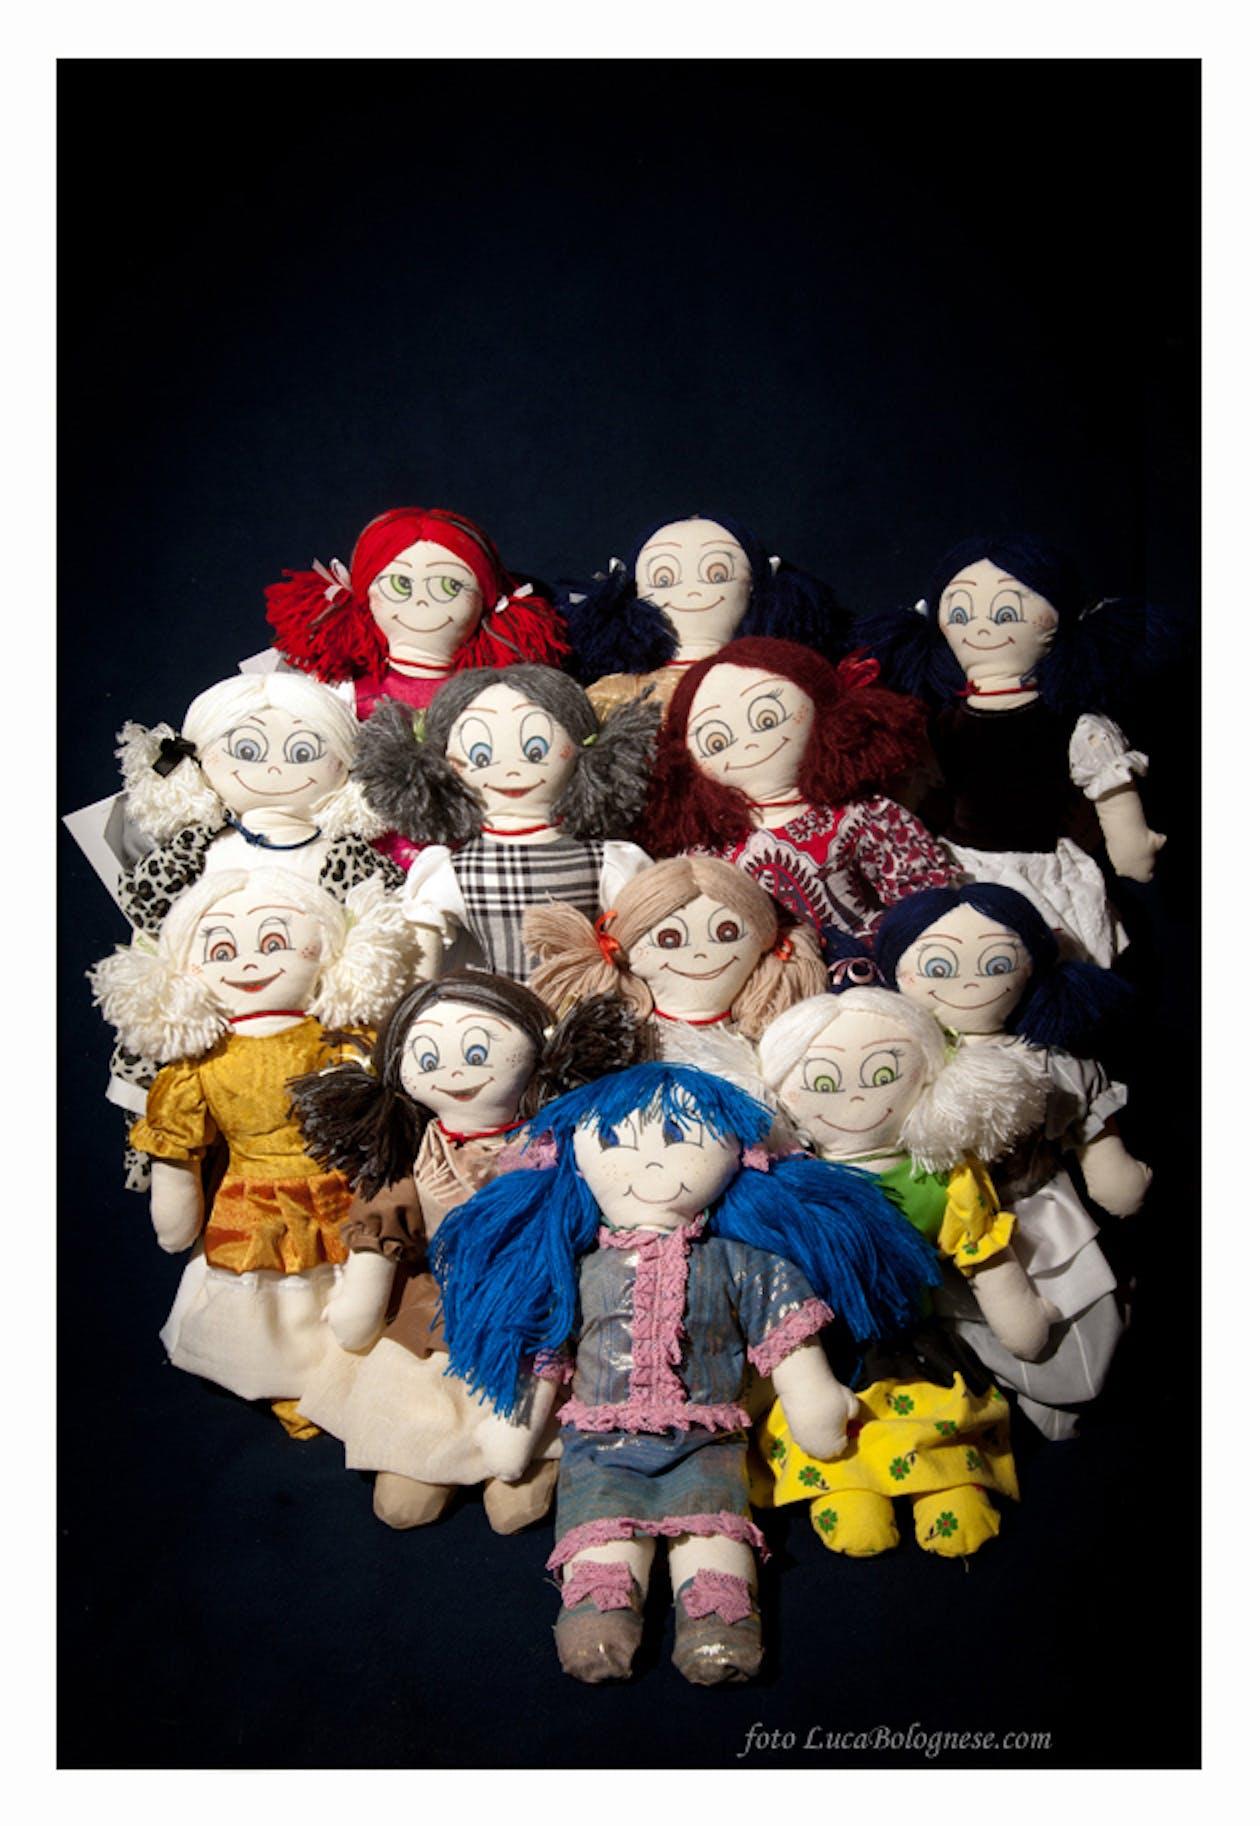 Carcere Dozza: a Bologna mille bambole cucite per beneficenza